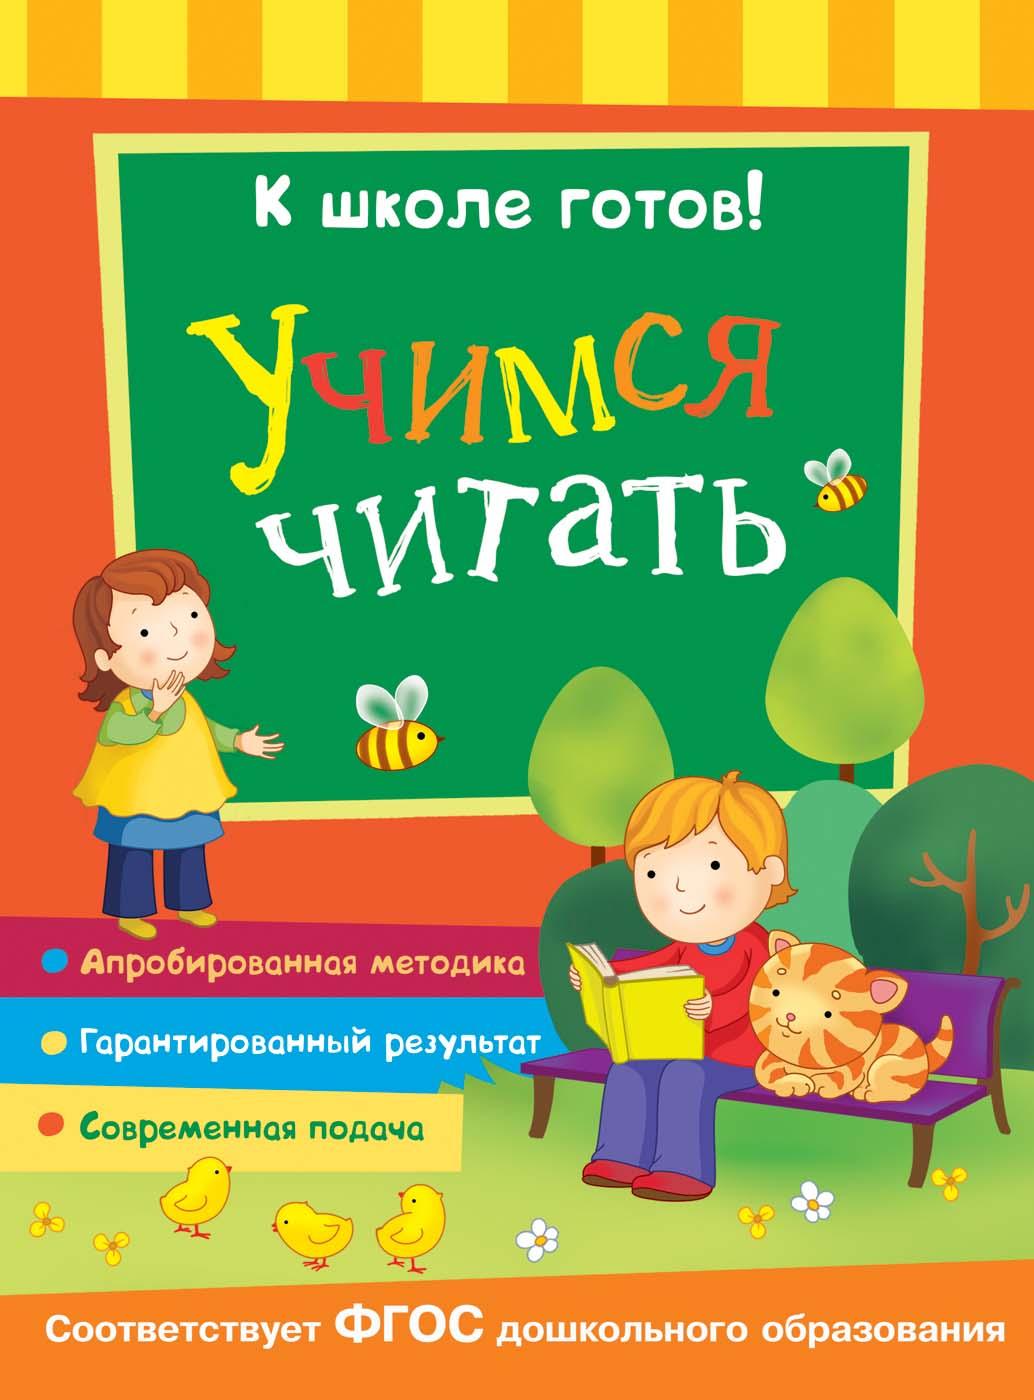 К школе готов - Учимся читатьОбучающие книги и задания<br>К школе готов - Учимся читать<br>